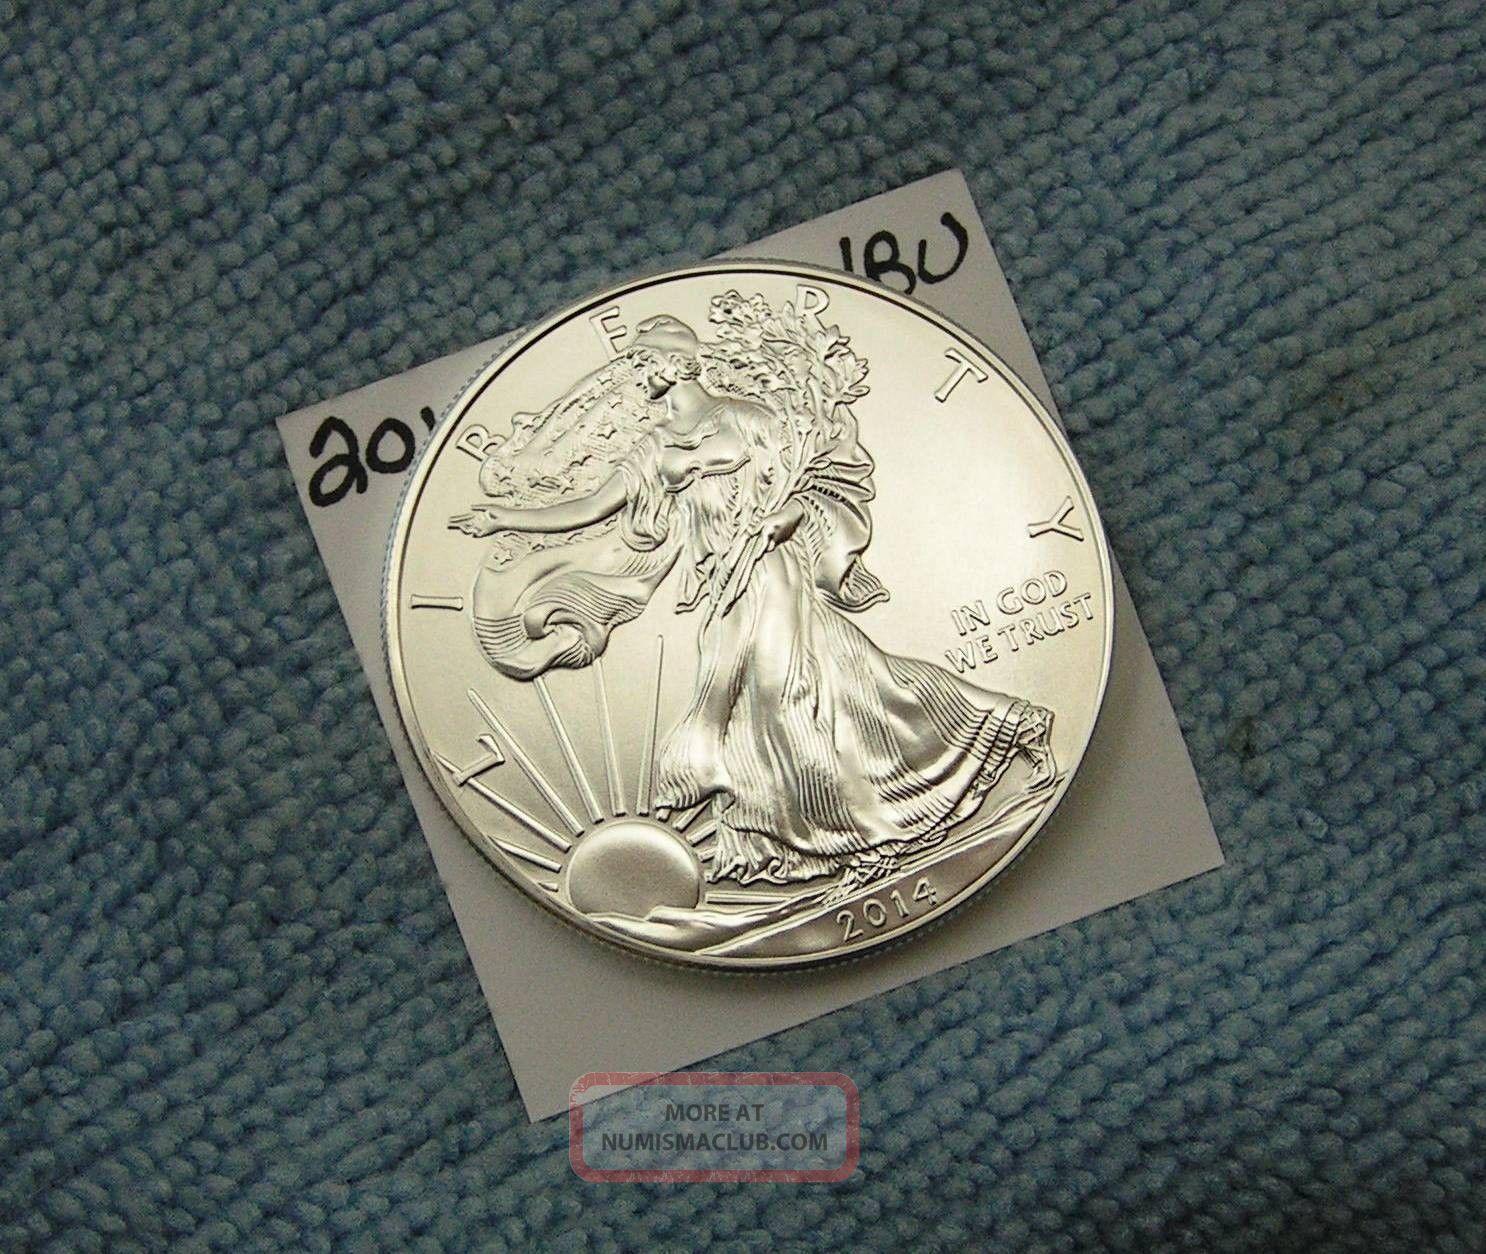 2014 American Silver Eagle. . . . . . . . . . . . . . .  Gem/bu Silver photo